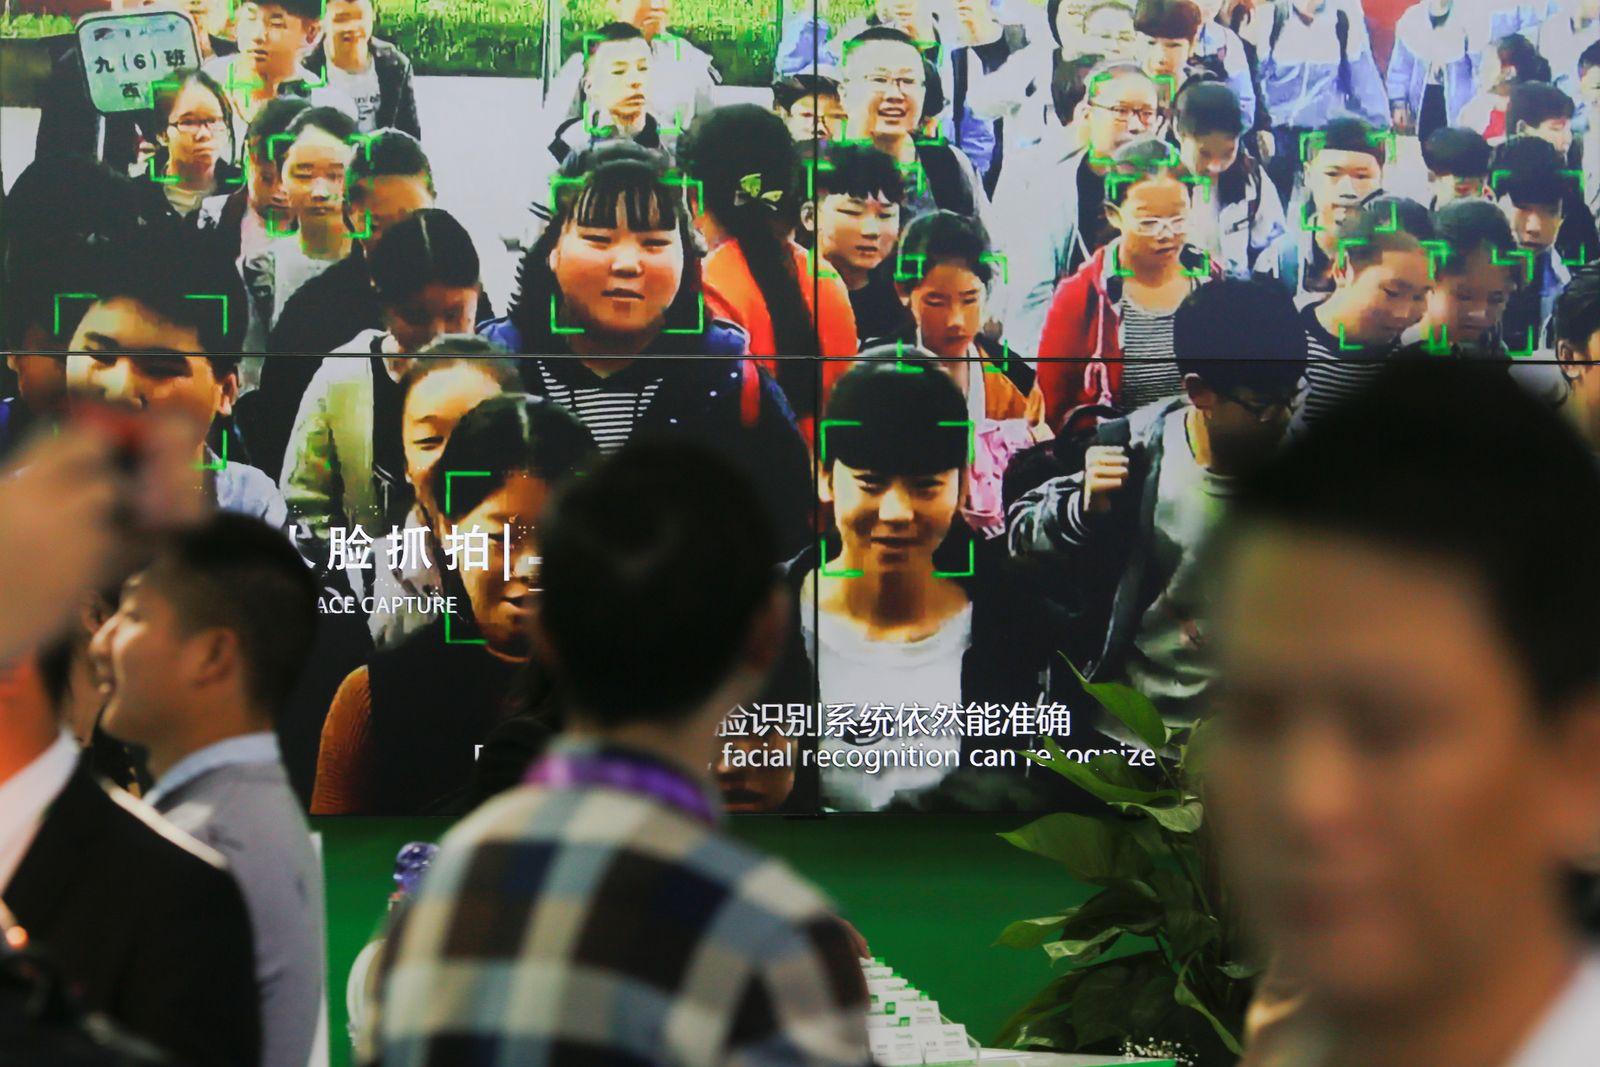 China Überwachung / Gesichtserkennung